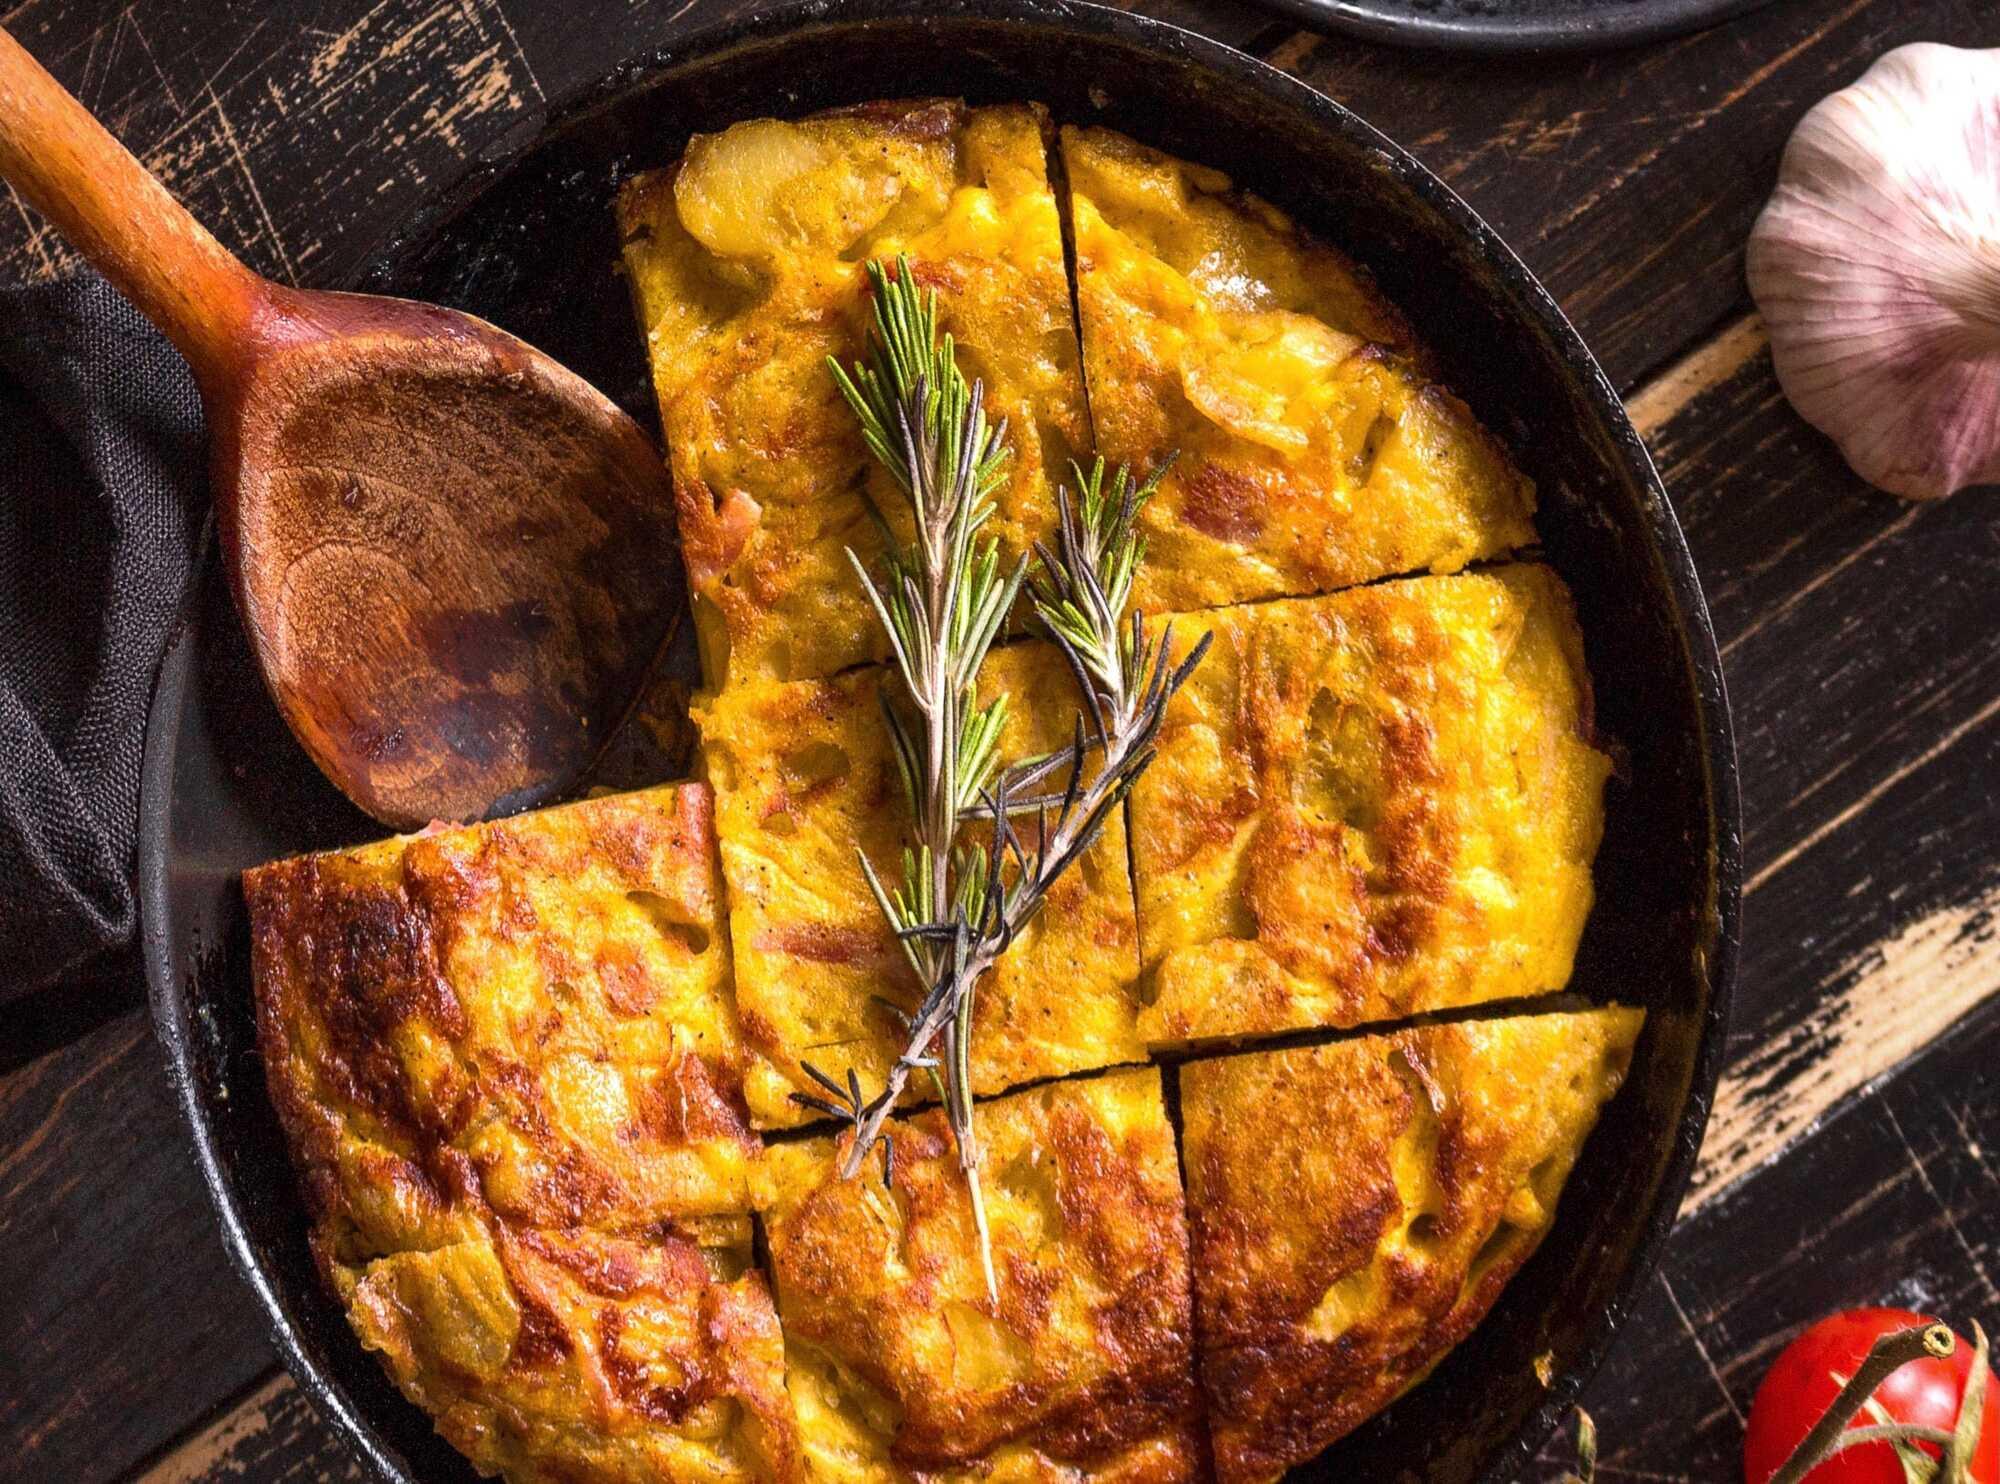 Le tortille de patatas se présente sous la forme d'un gratin de pommes de terre. Il est découpé en gros carrés généreux.